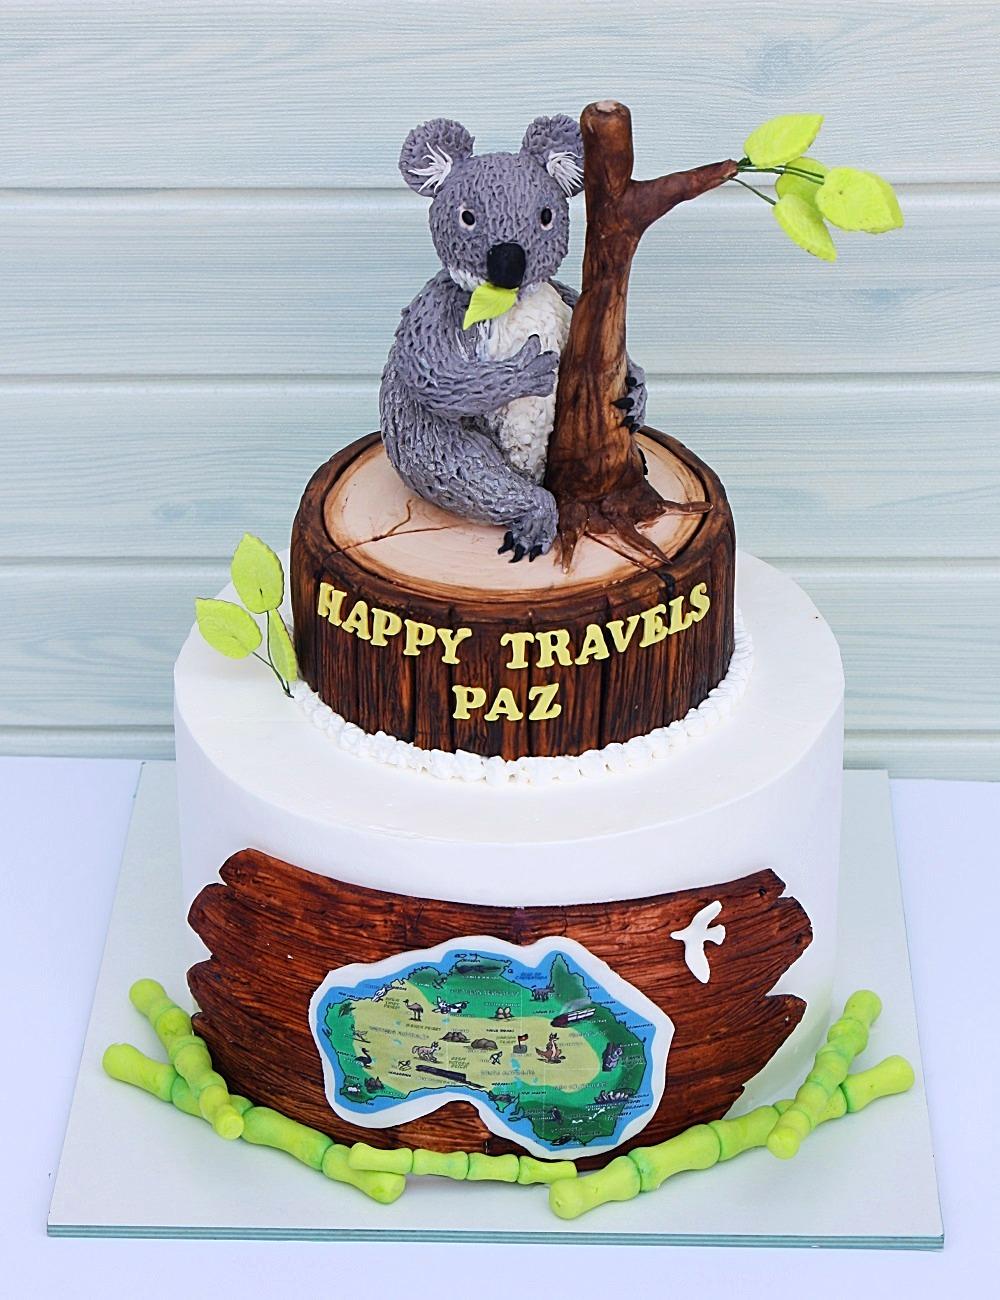 עוגה למטייל לאוסטרליה